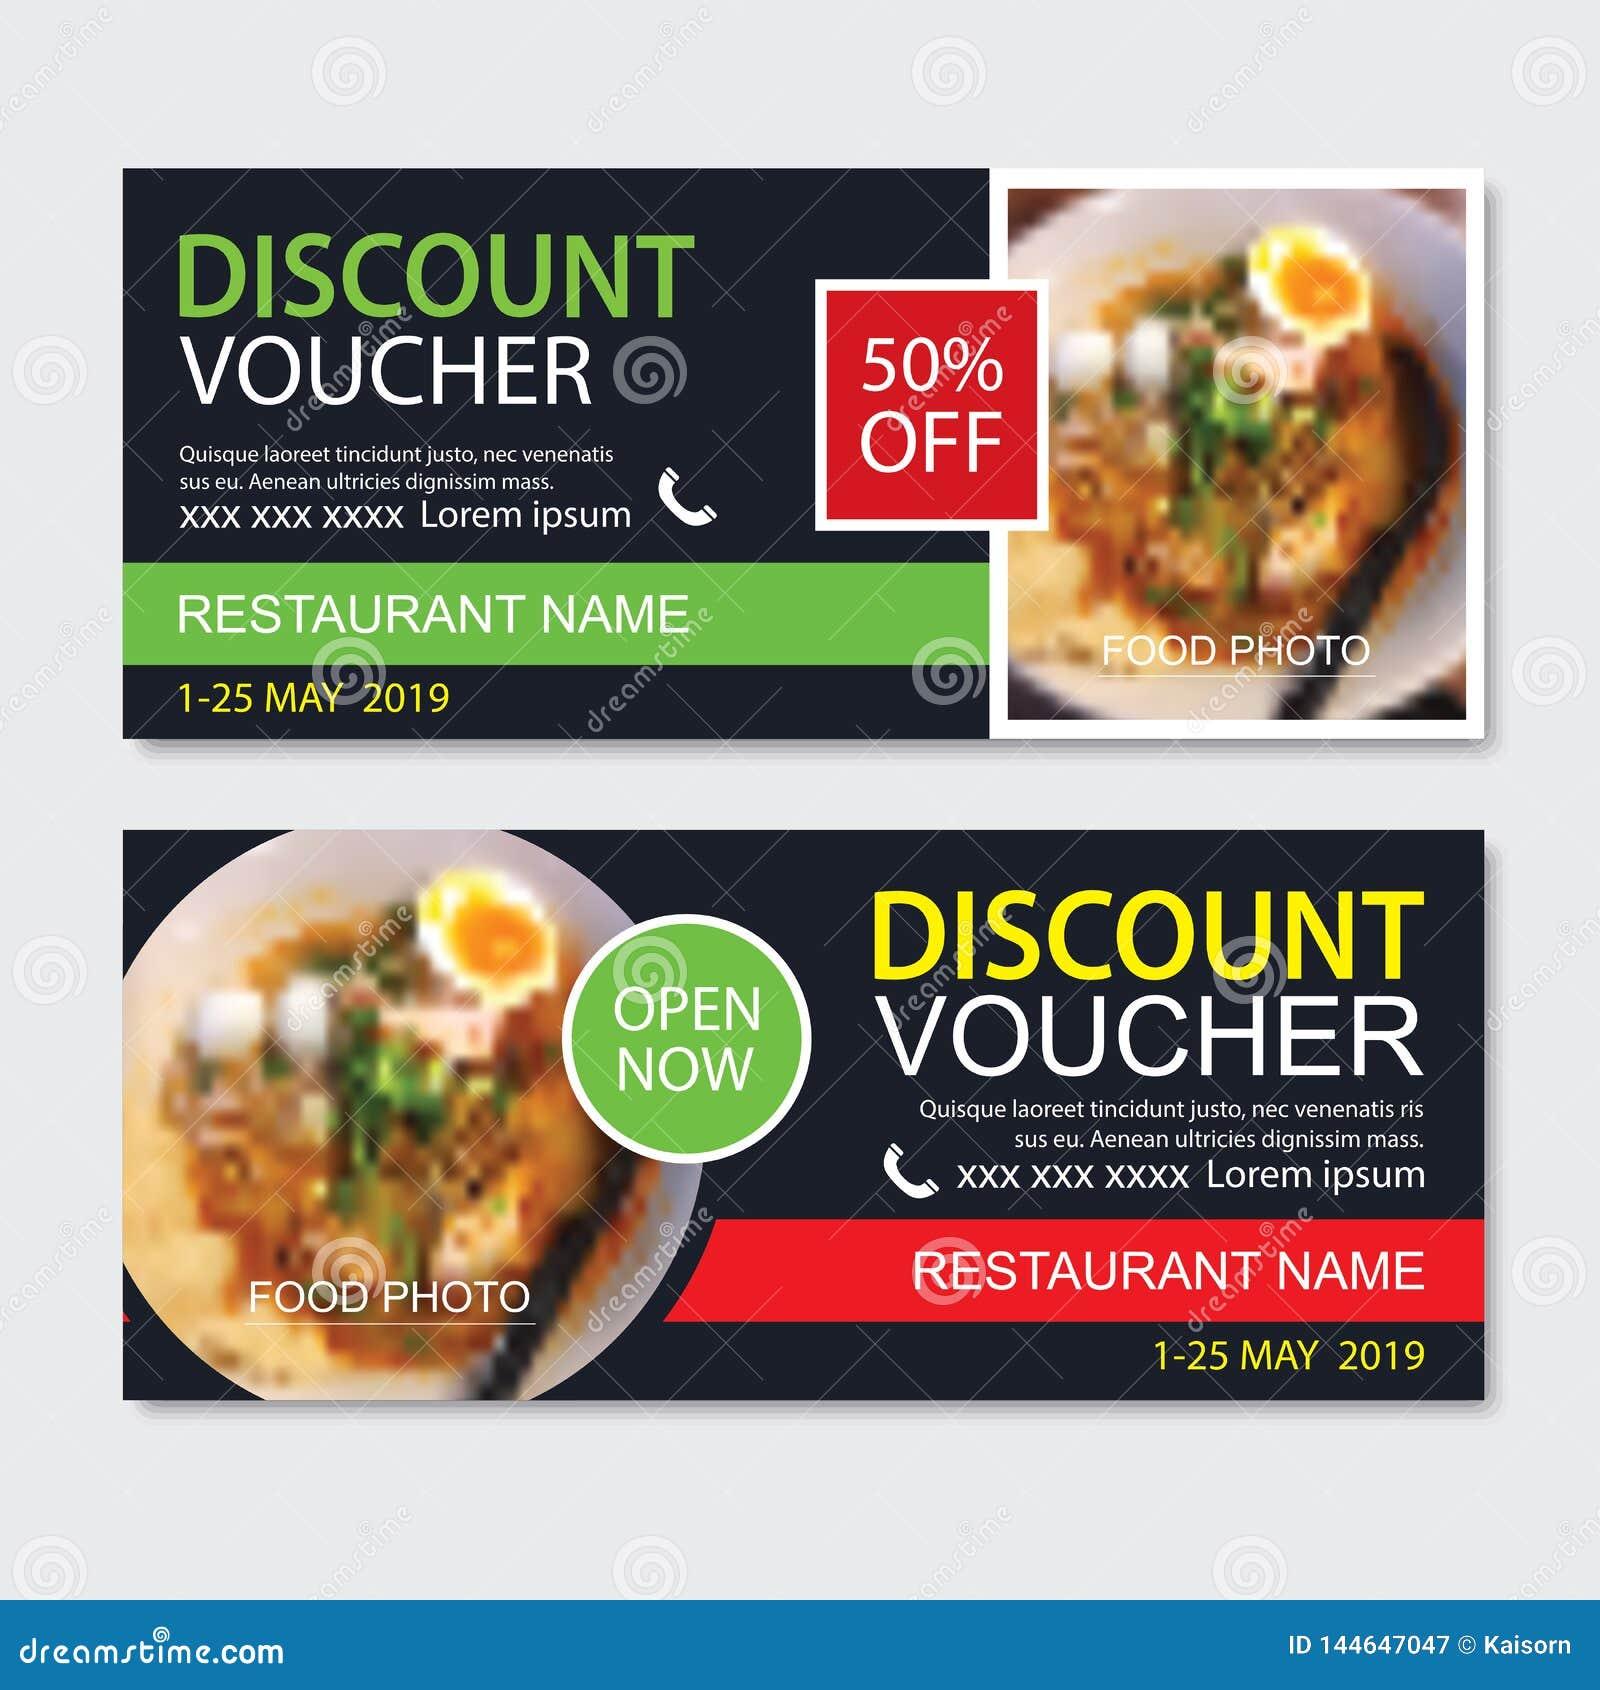 Schablonenentwurf des Rabattgeschenkgutscheins asiatischer Nahrungsmittel Nudelsatz Gebrauch für Kupon, Fahne, Flieger, Verkauf,